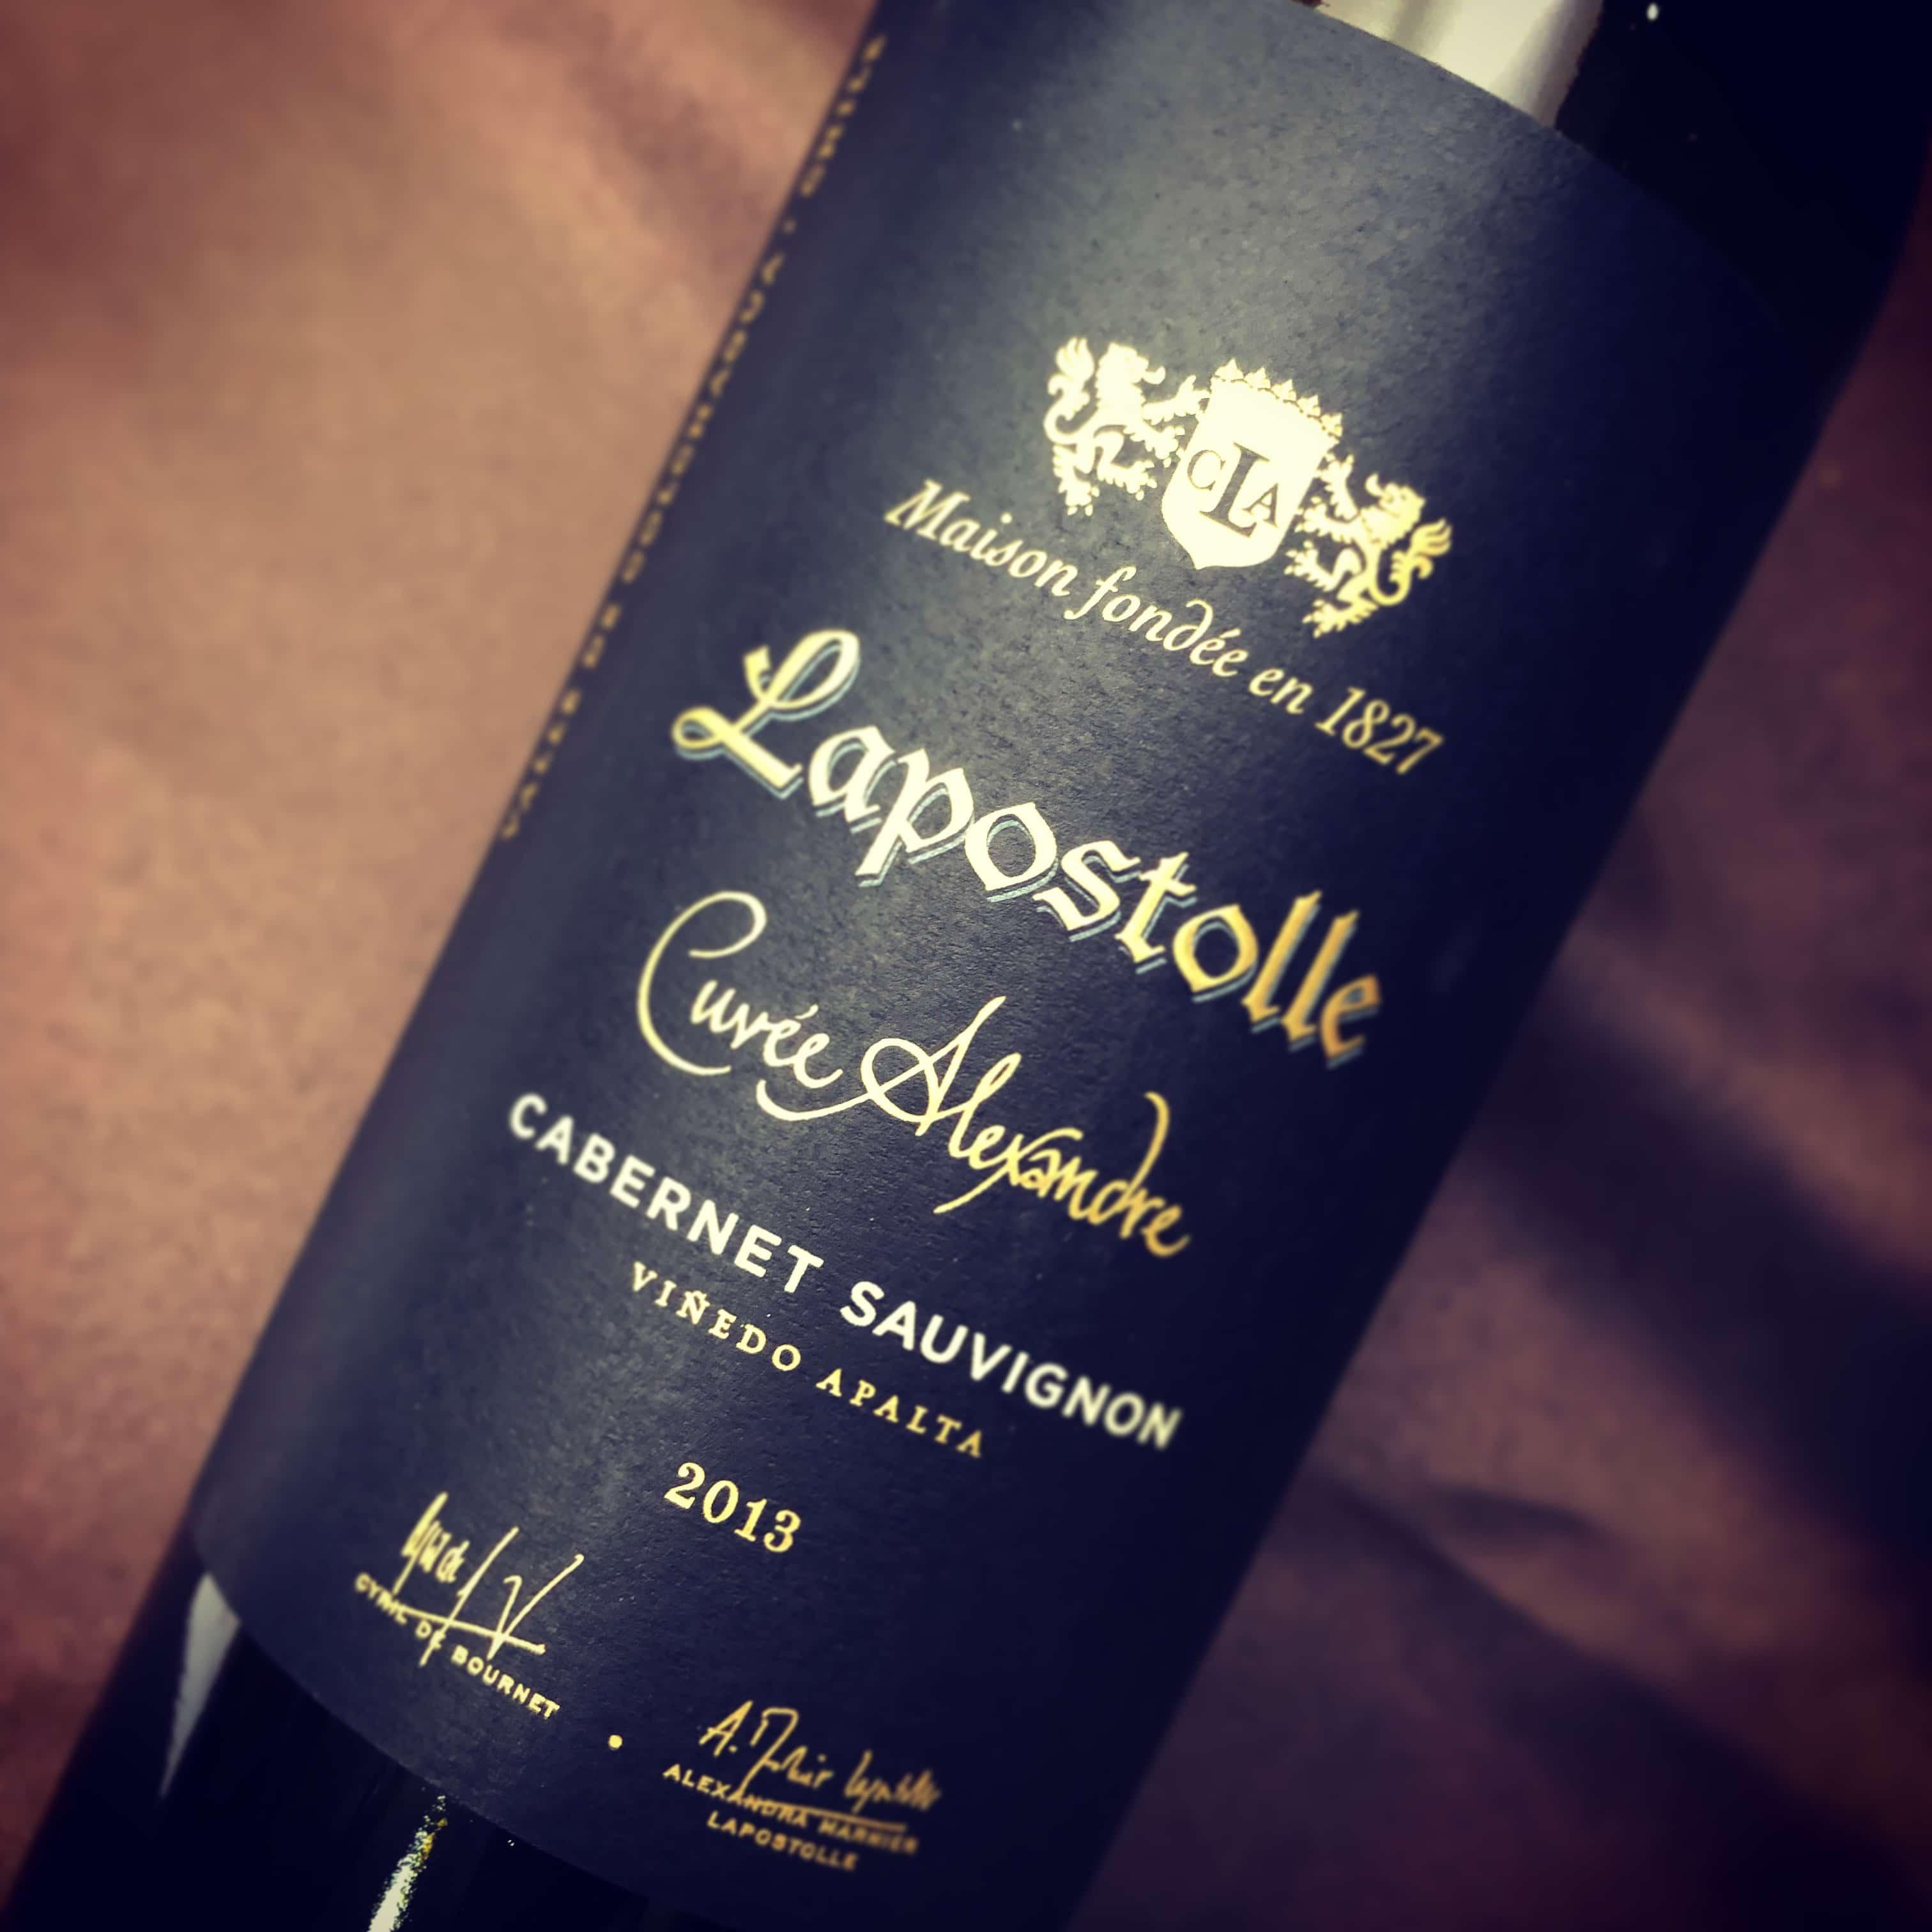 Lapostolle Cuvée Alexandre Apalta Vineyard Cabernet Sauvignon 2013